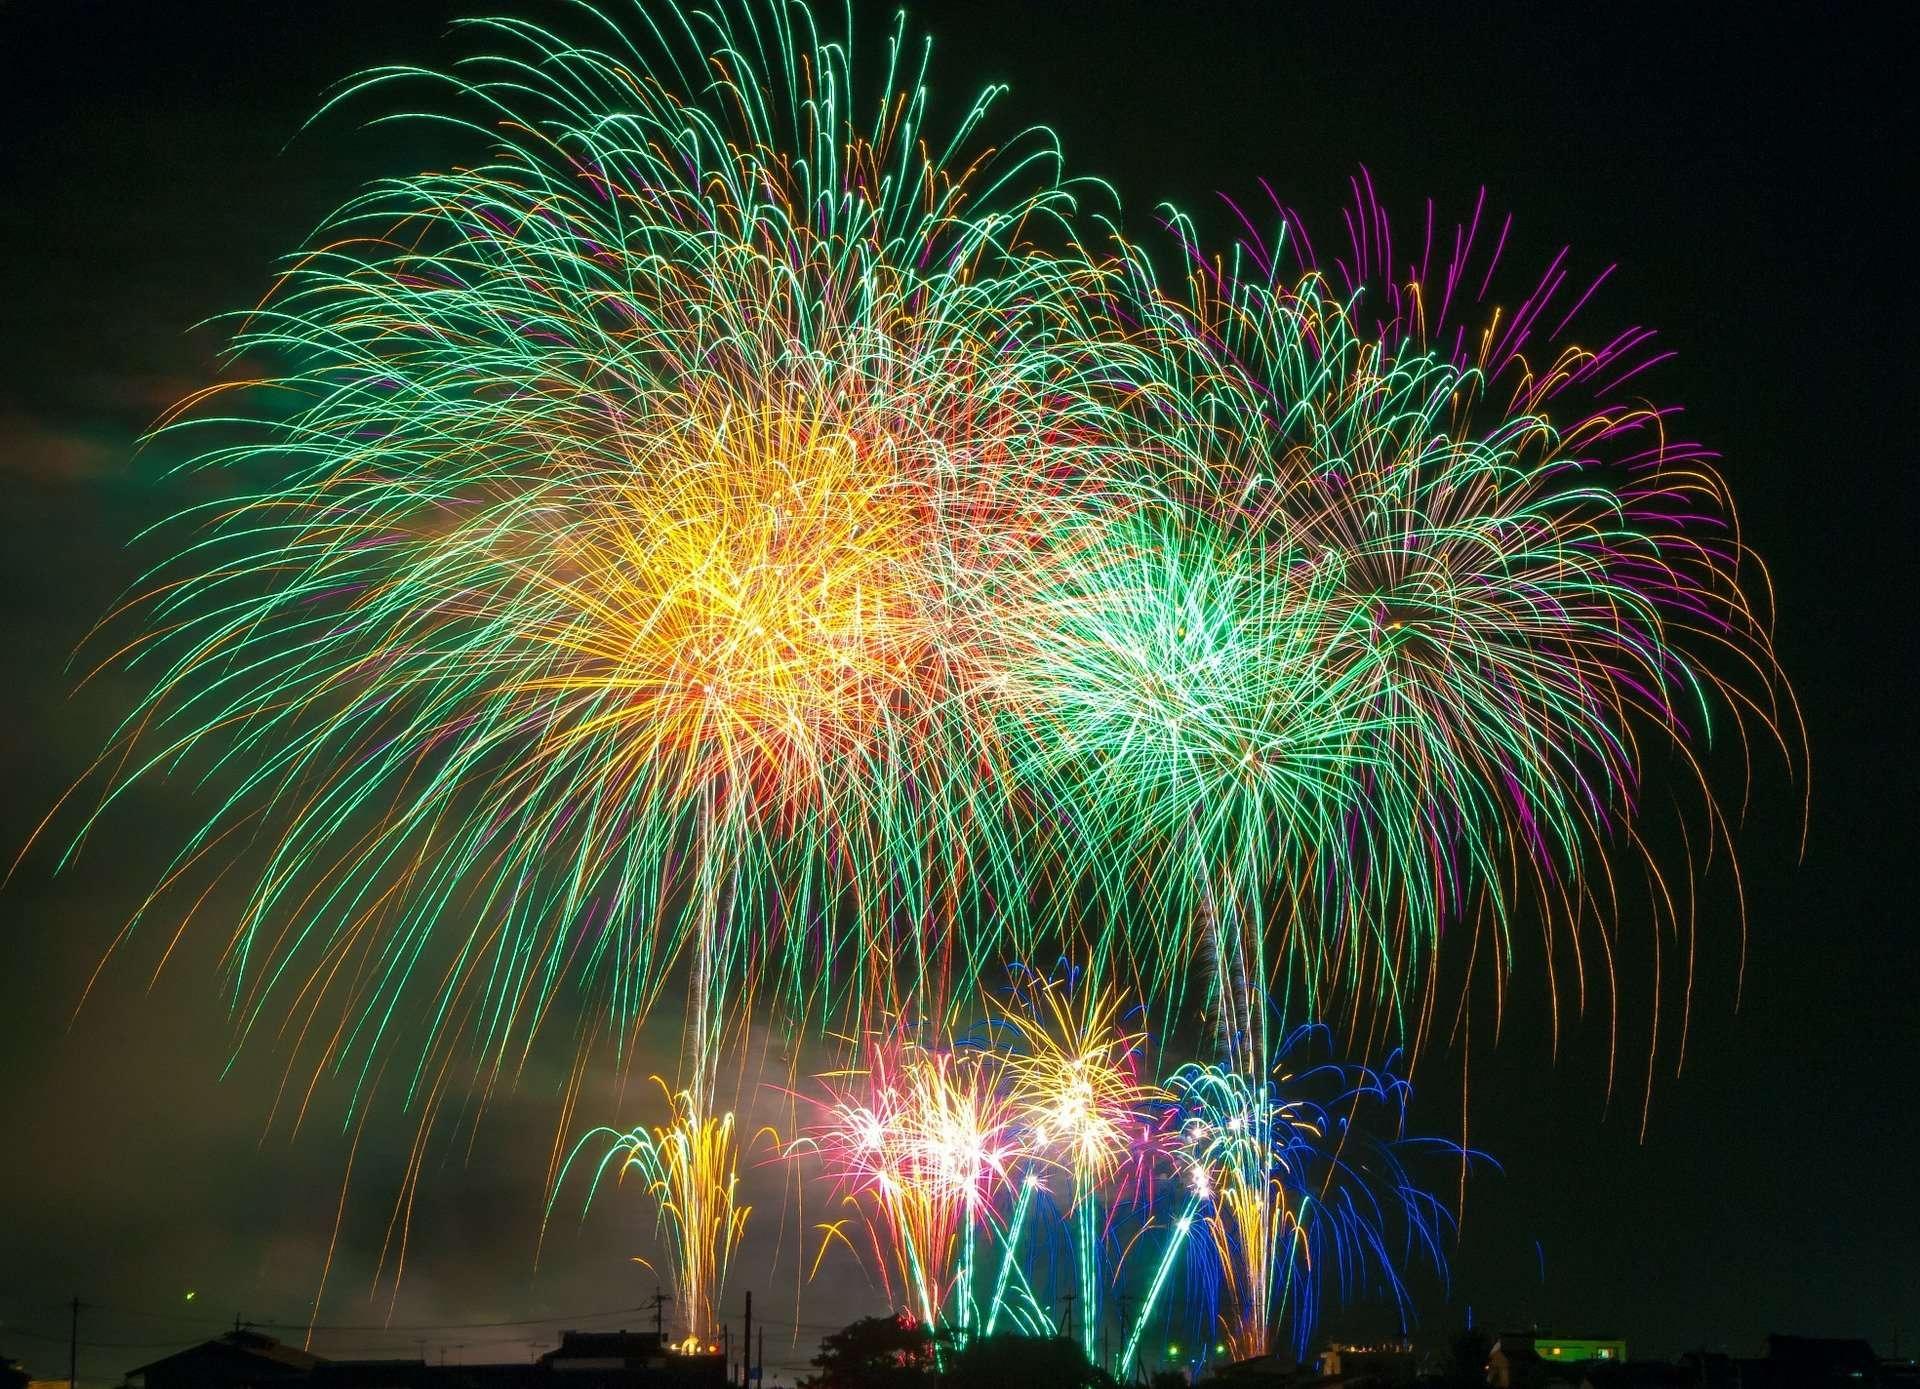 Konosu fireworks image for blog post